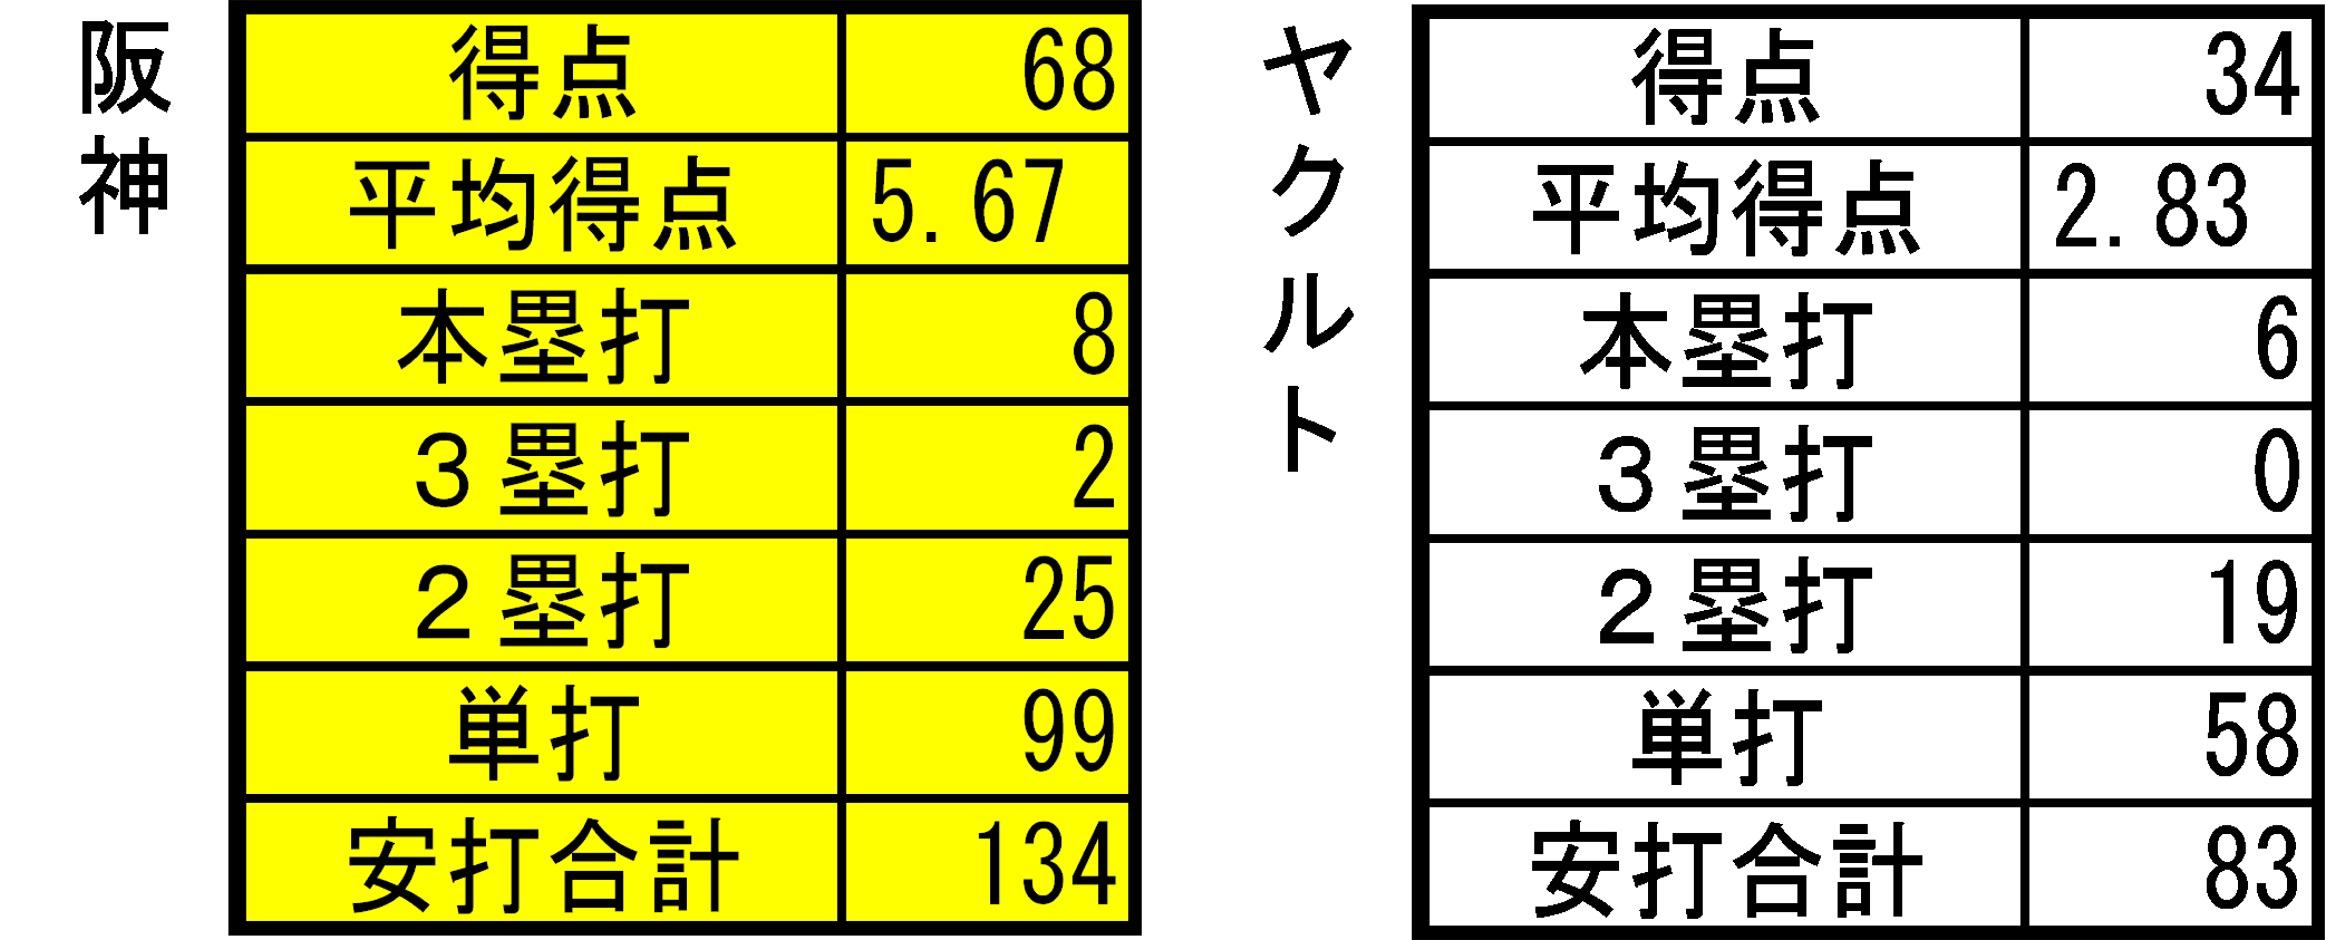 201305122145381f1.jpg